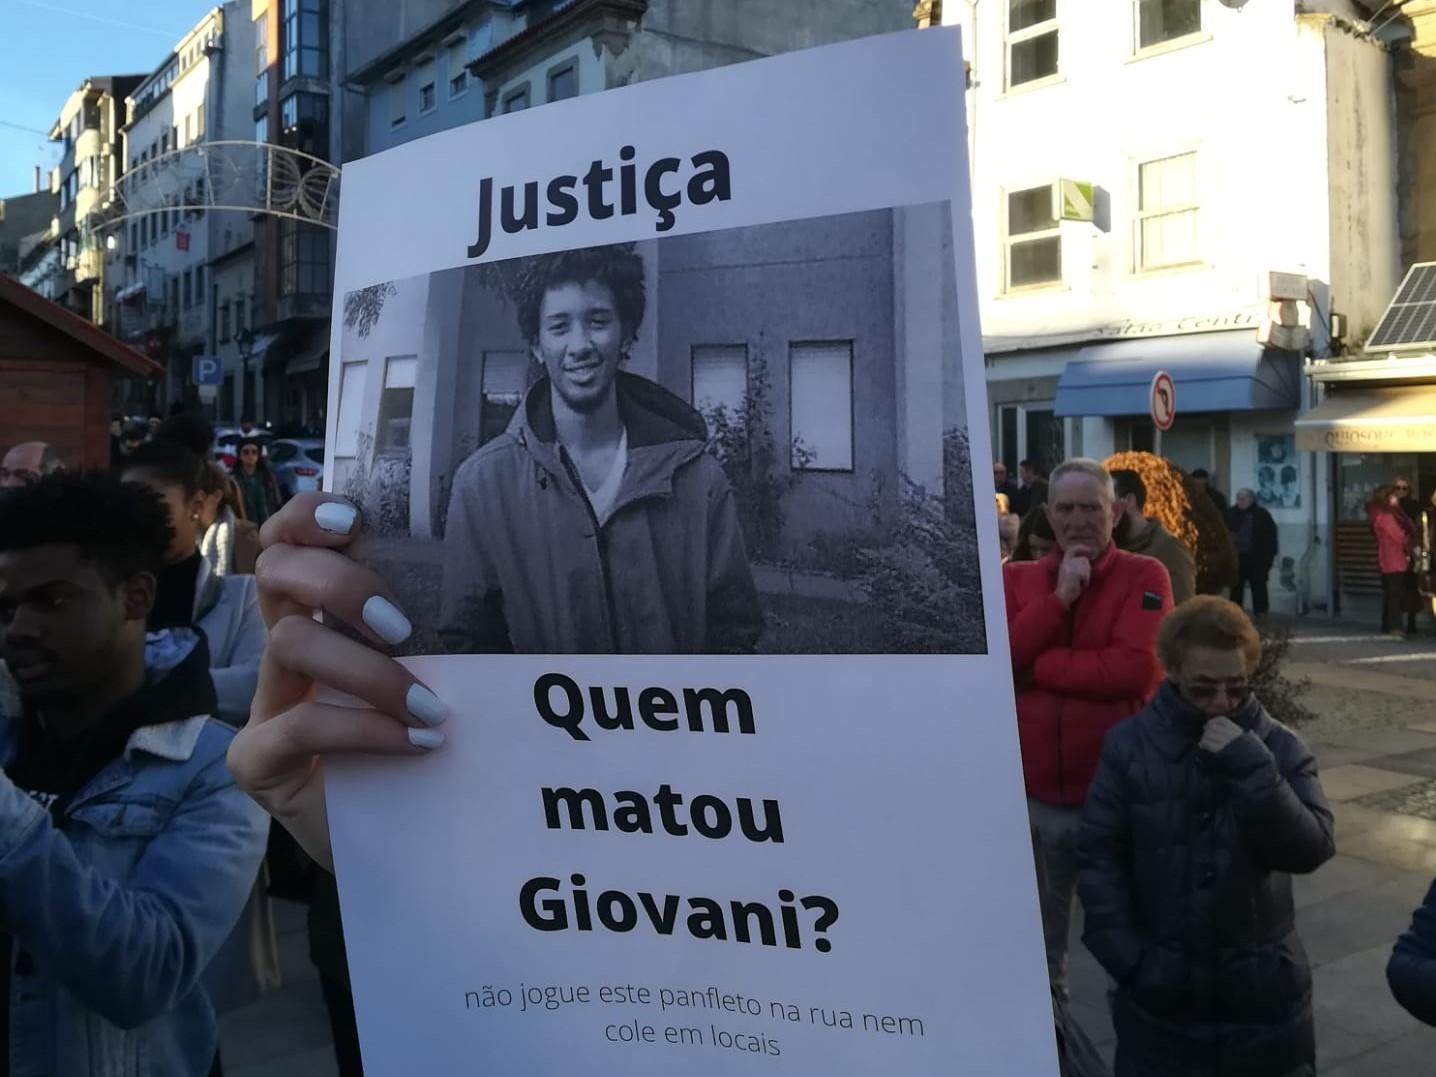 7 dos 8 arguidos acusados de homicídio no caso Giovani, assassinado em Bragança